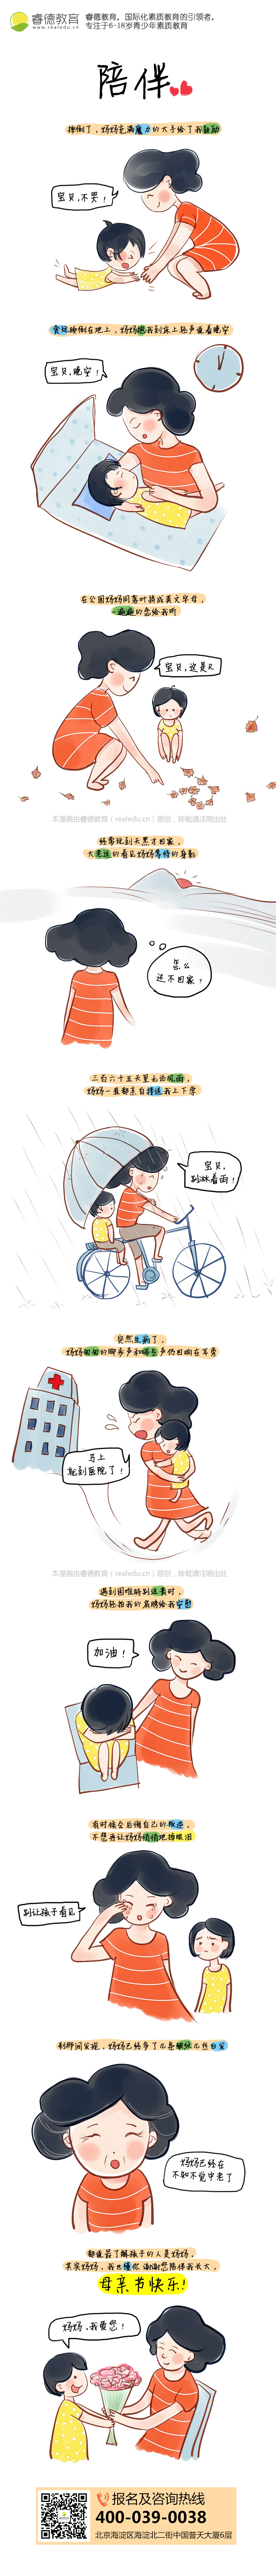 母亲节漫画 短篇/四格漫画 动漫 1lingbaby